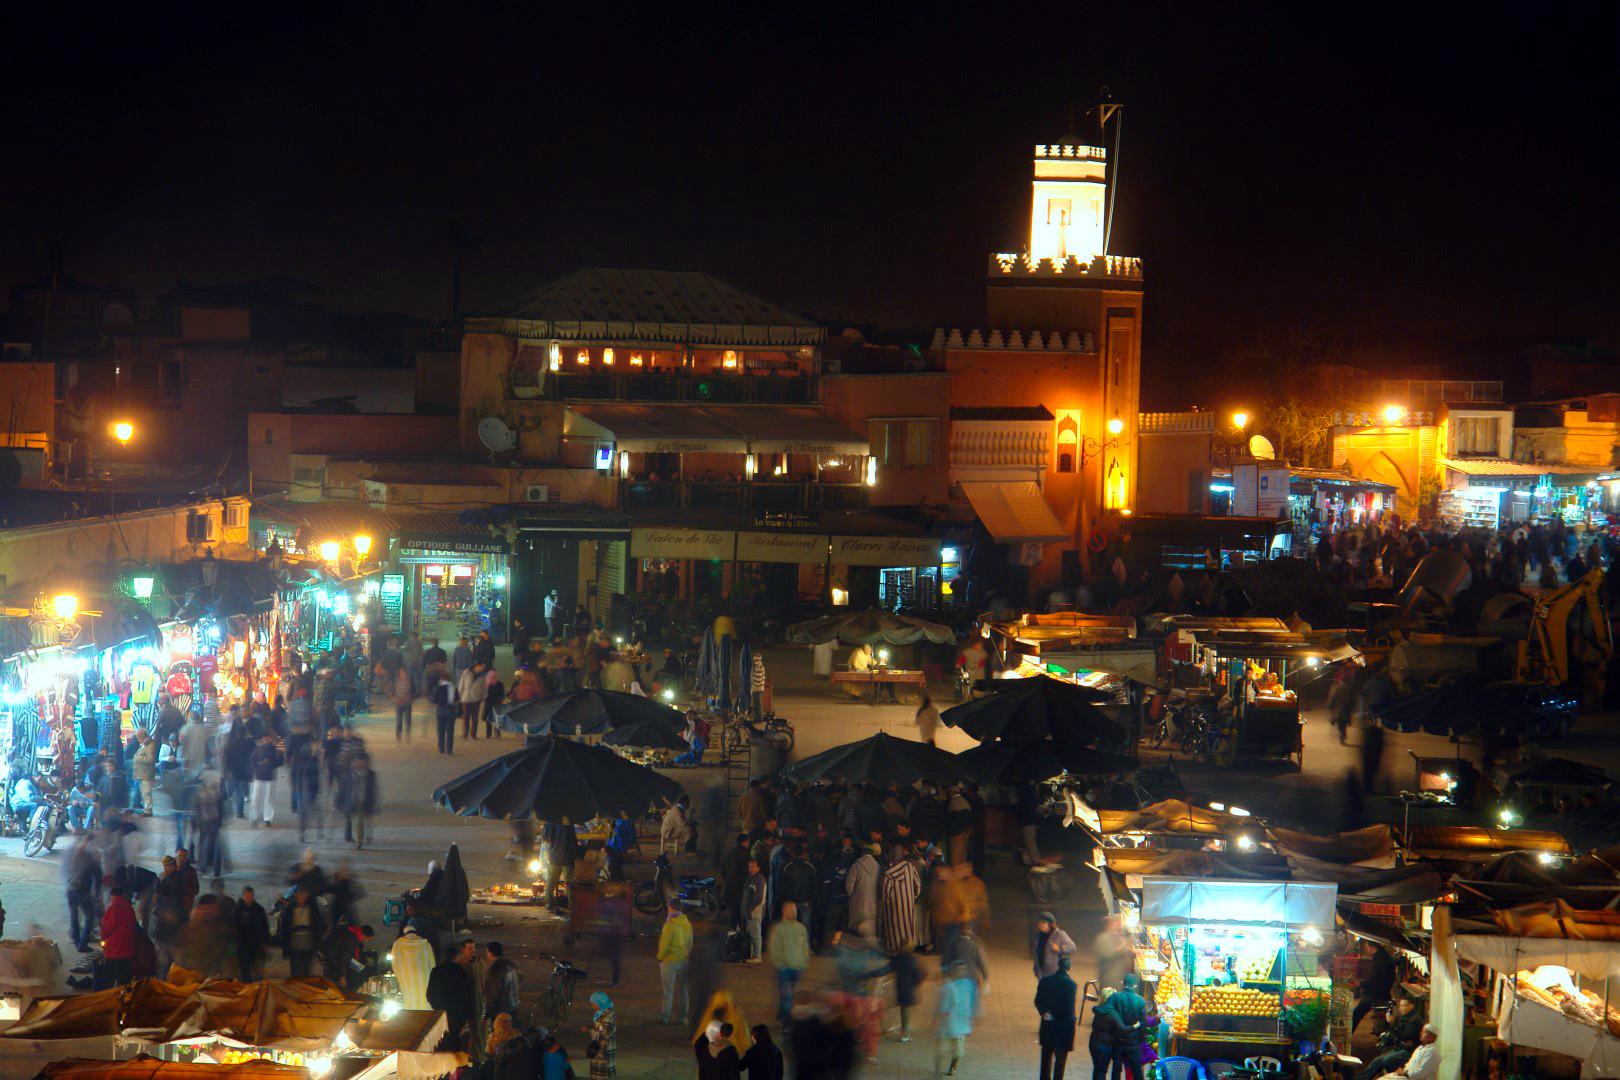 Qué ver en Marrakech, Marruecos - Morocco qué ver en marrakech, marruecos - 30278612534 d94debb760 o - Qué ver en Marrakech, Marruecos